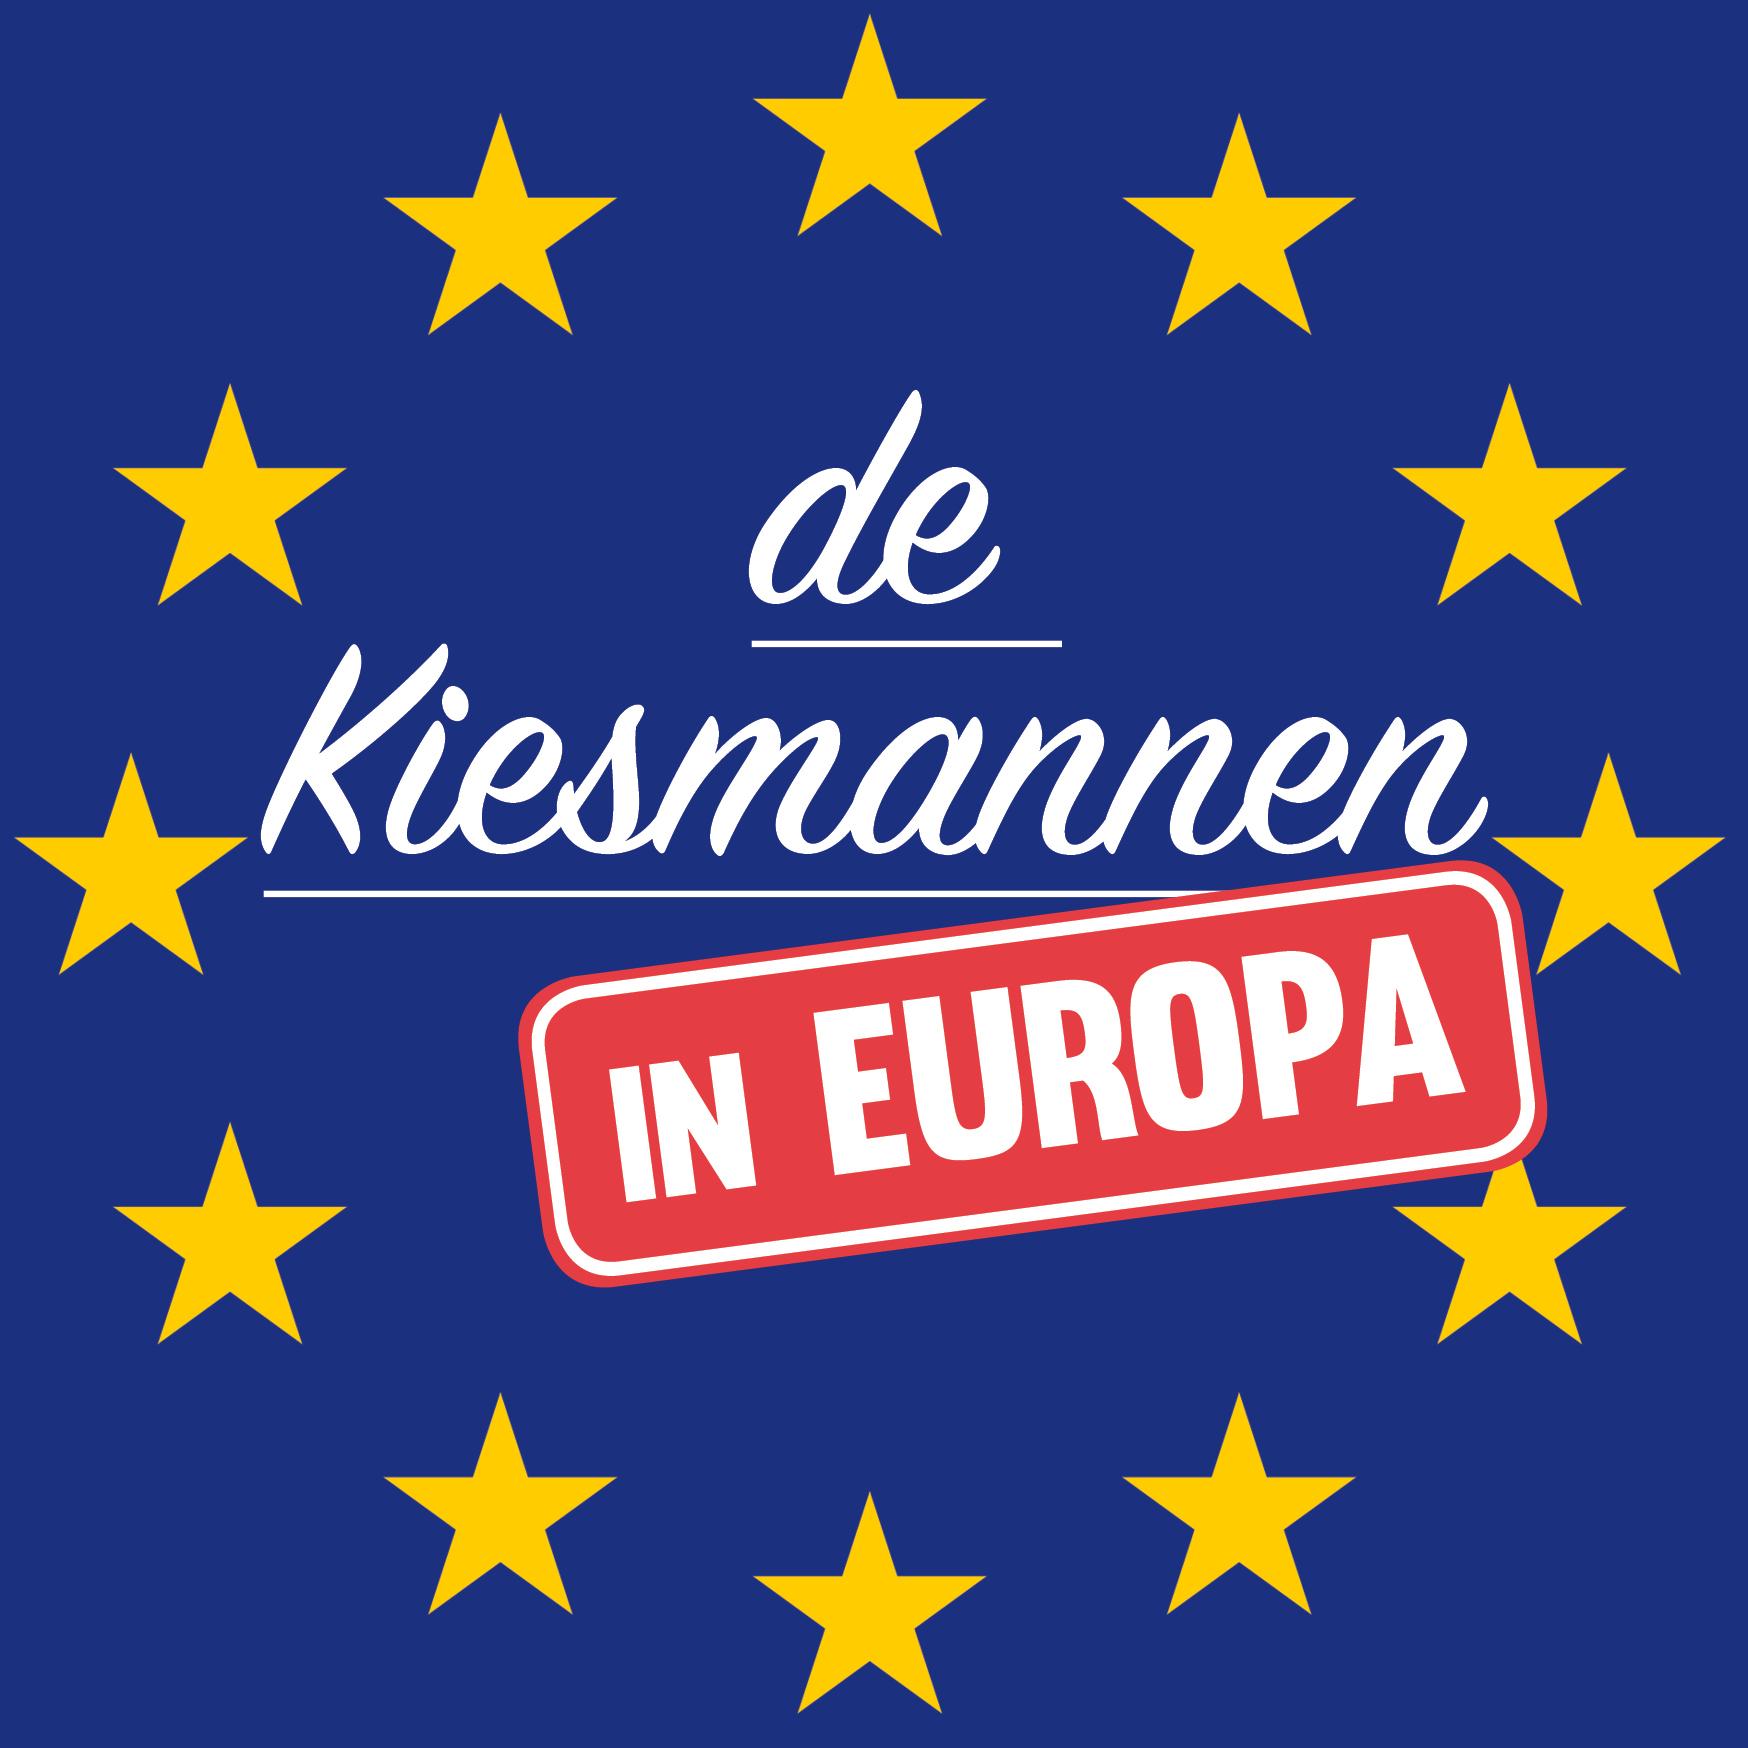 Kiesmannen in Europa